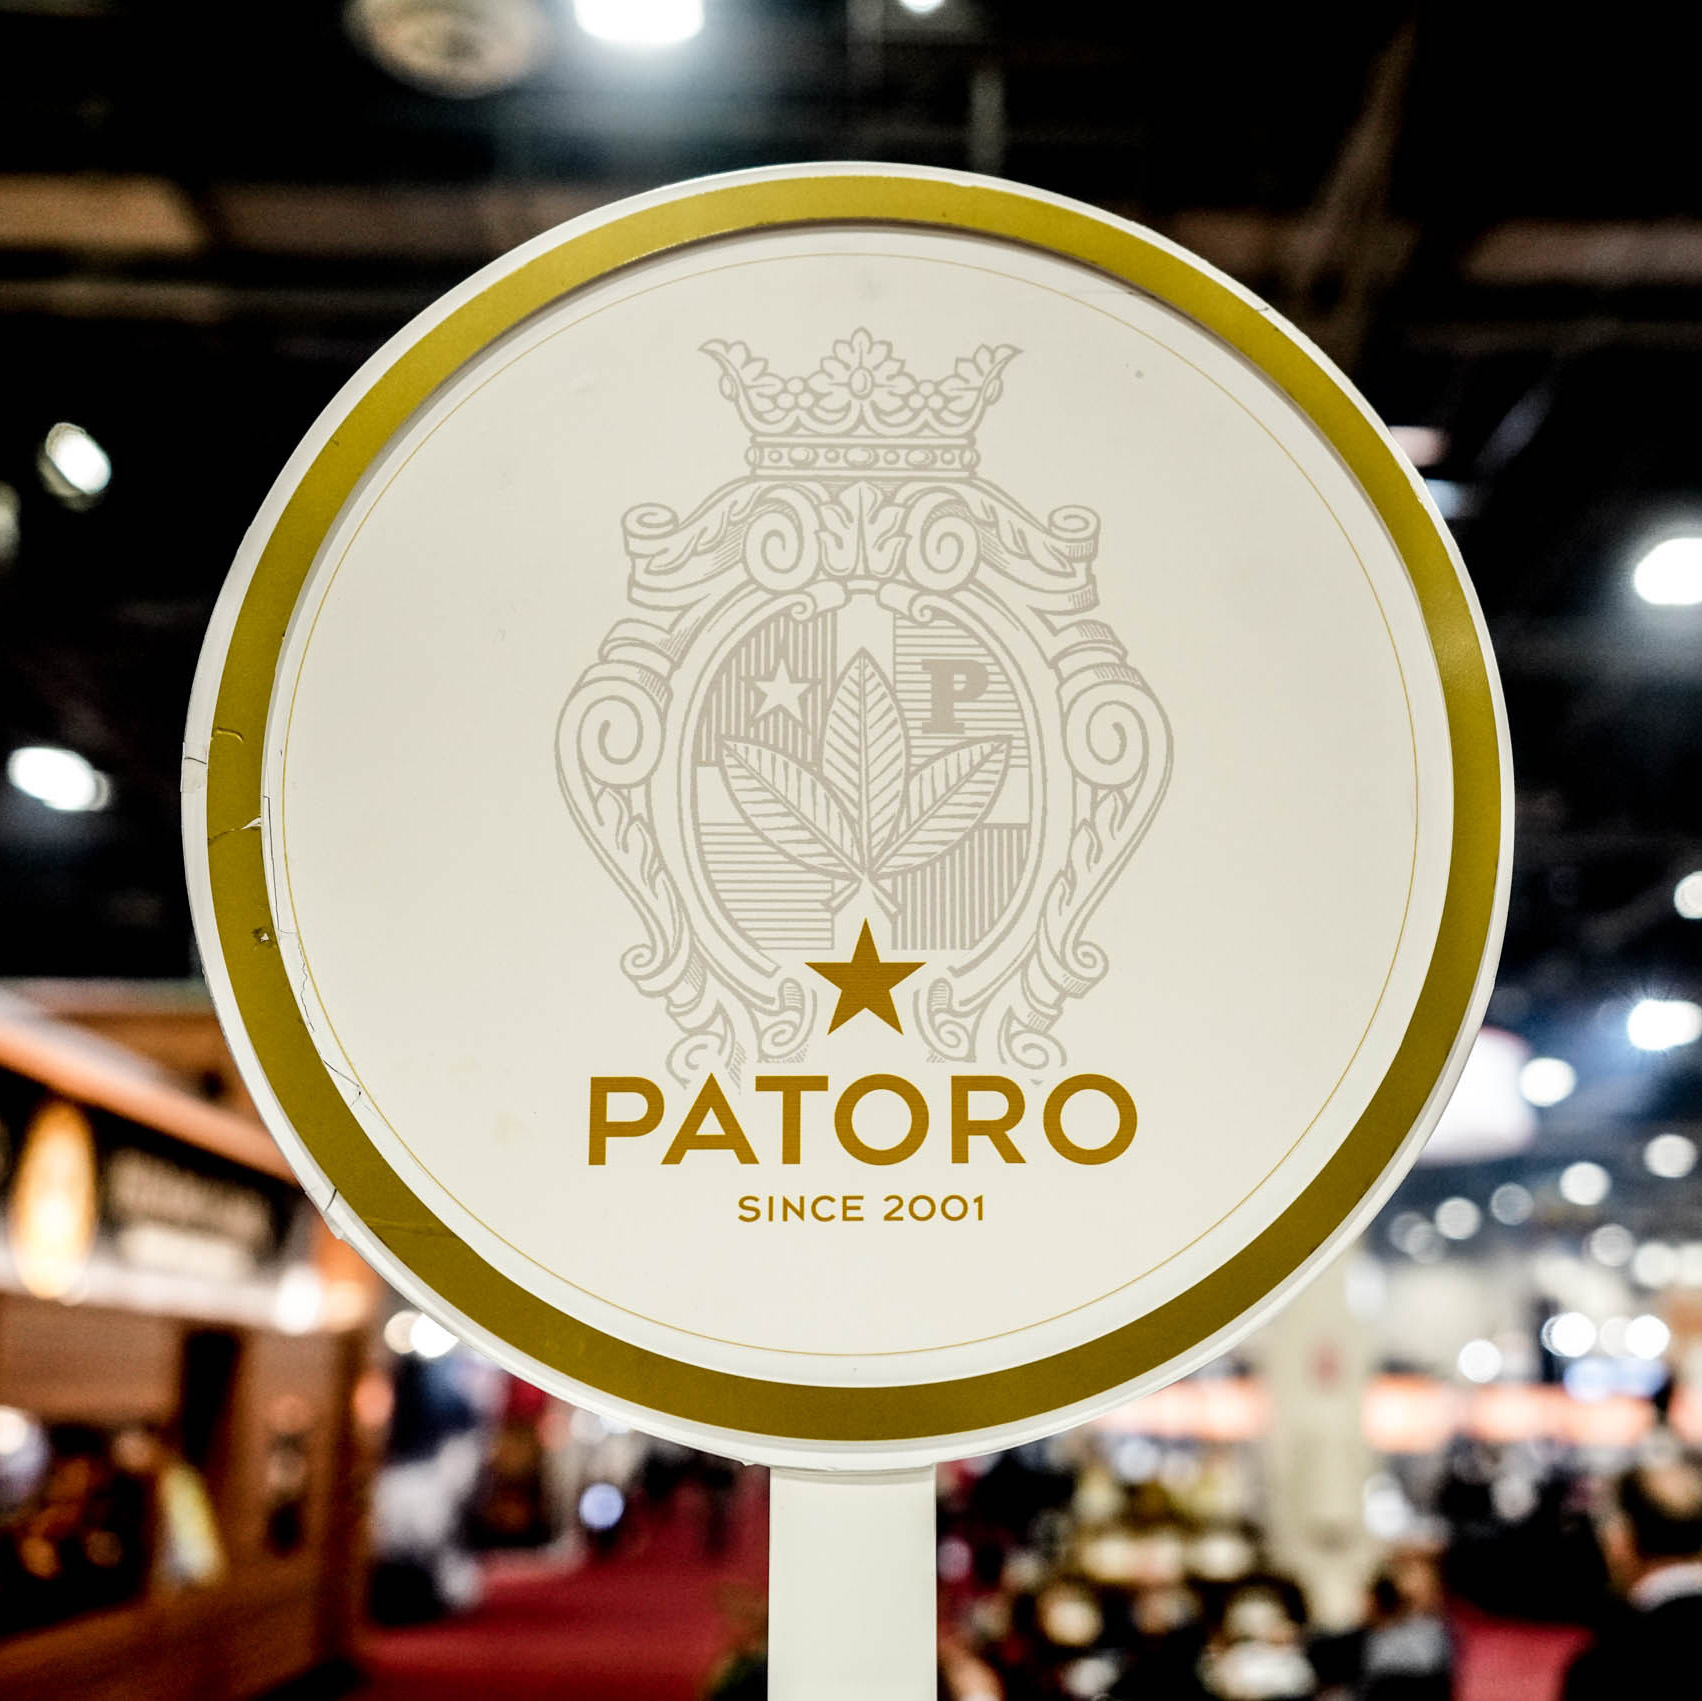 LA CASA DEL TABACO Patoro-Logo-IPCPR-2019